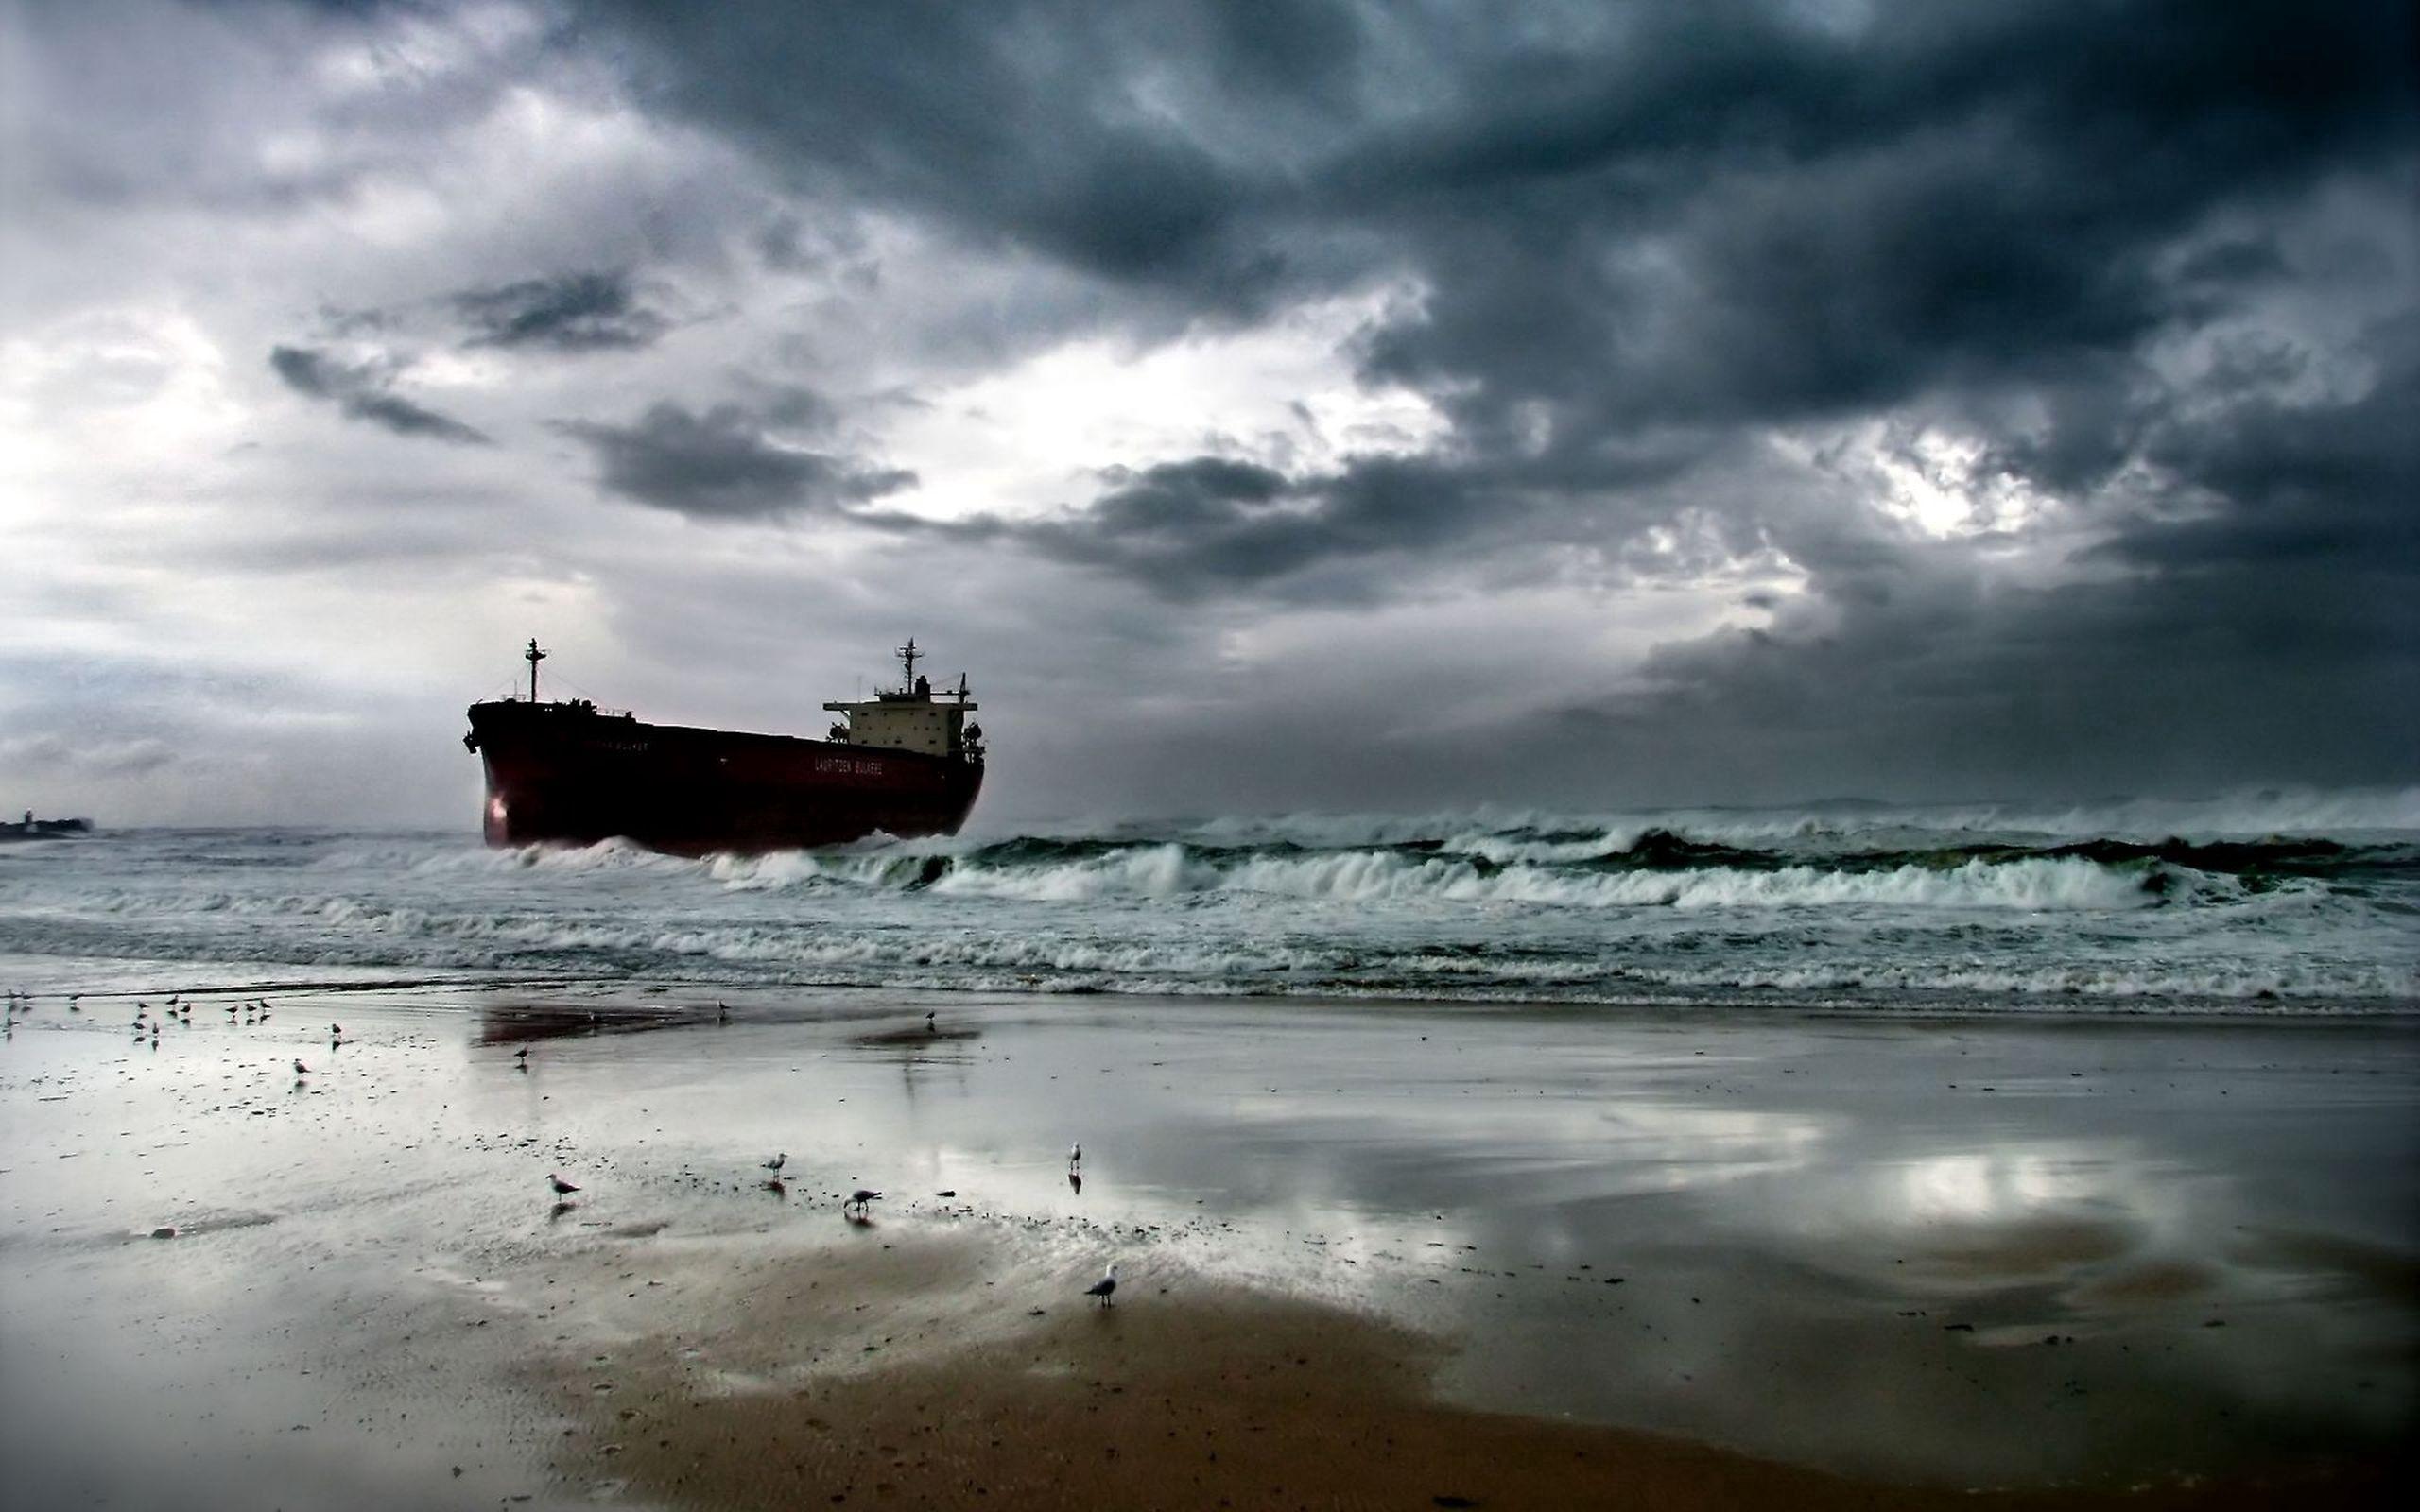 67784 Заставки и Обои Песок на телефон. Скачать Песок, Природа, Море, Чайки, Берег картинки бесплатно